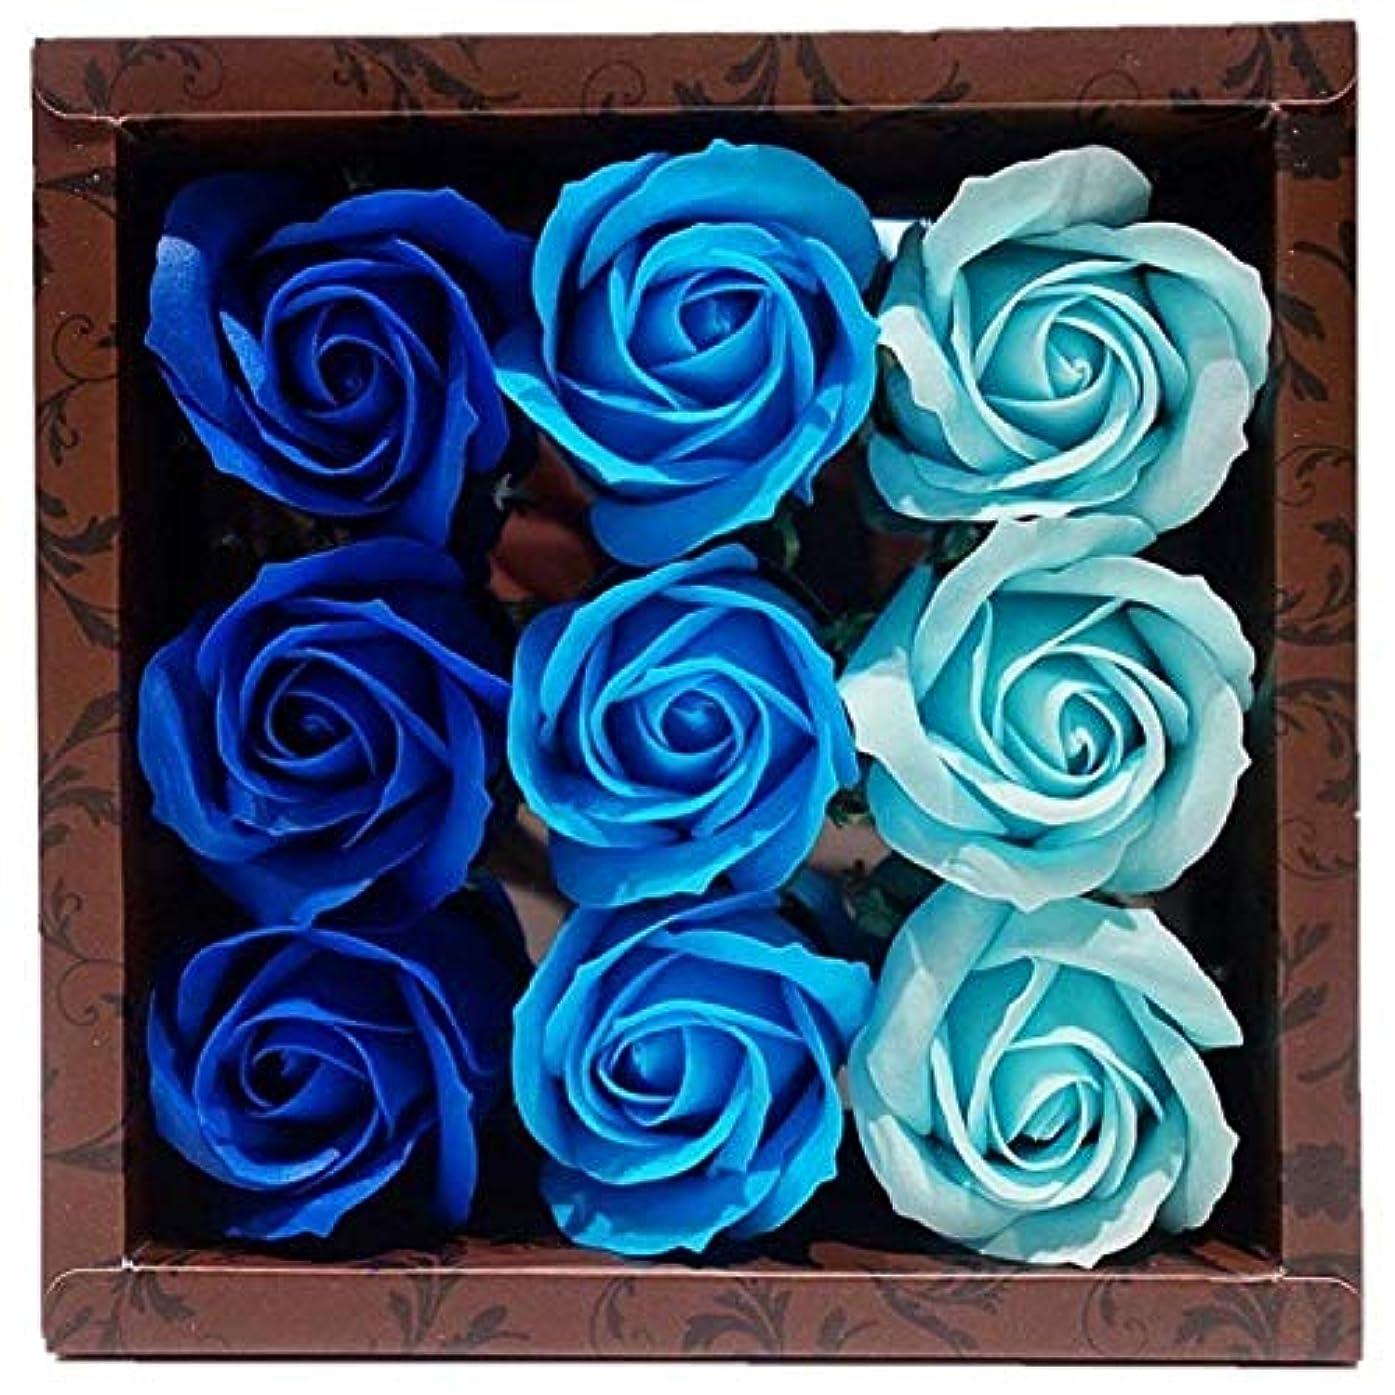 ちょっと待って落ち着くあそこバスフレグランス バスフラワー ローズフレグランス ブルーカラー ギフト お花の形の入浴剤 ばら